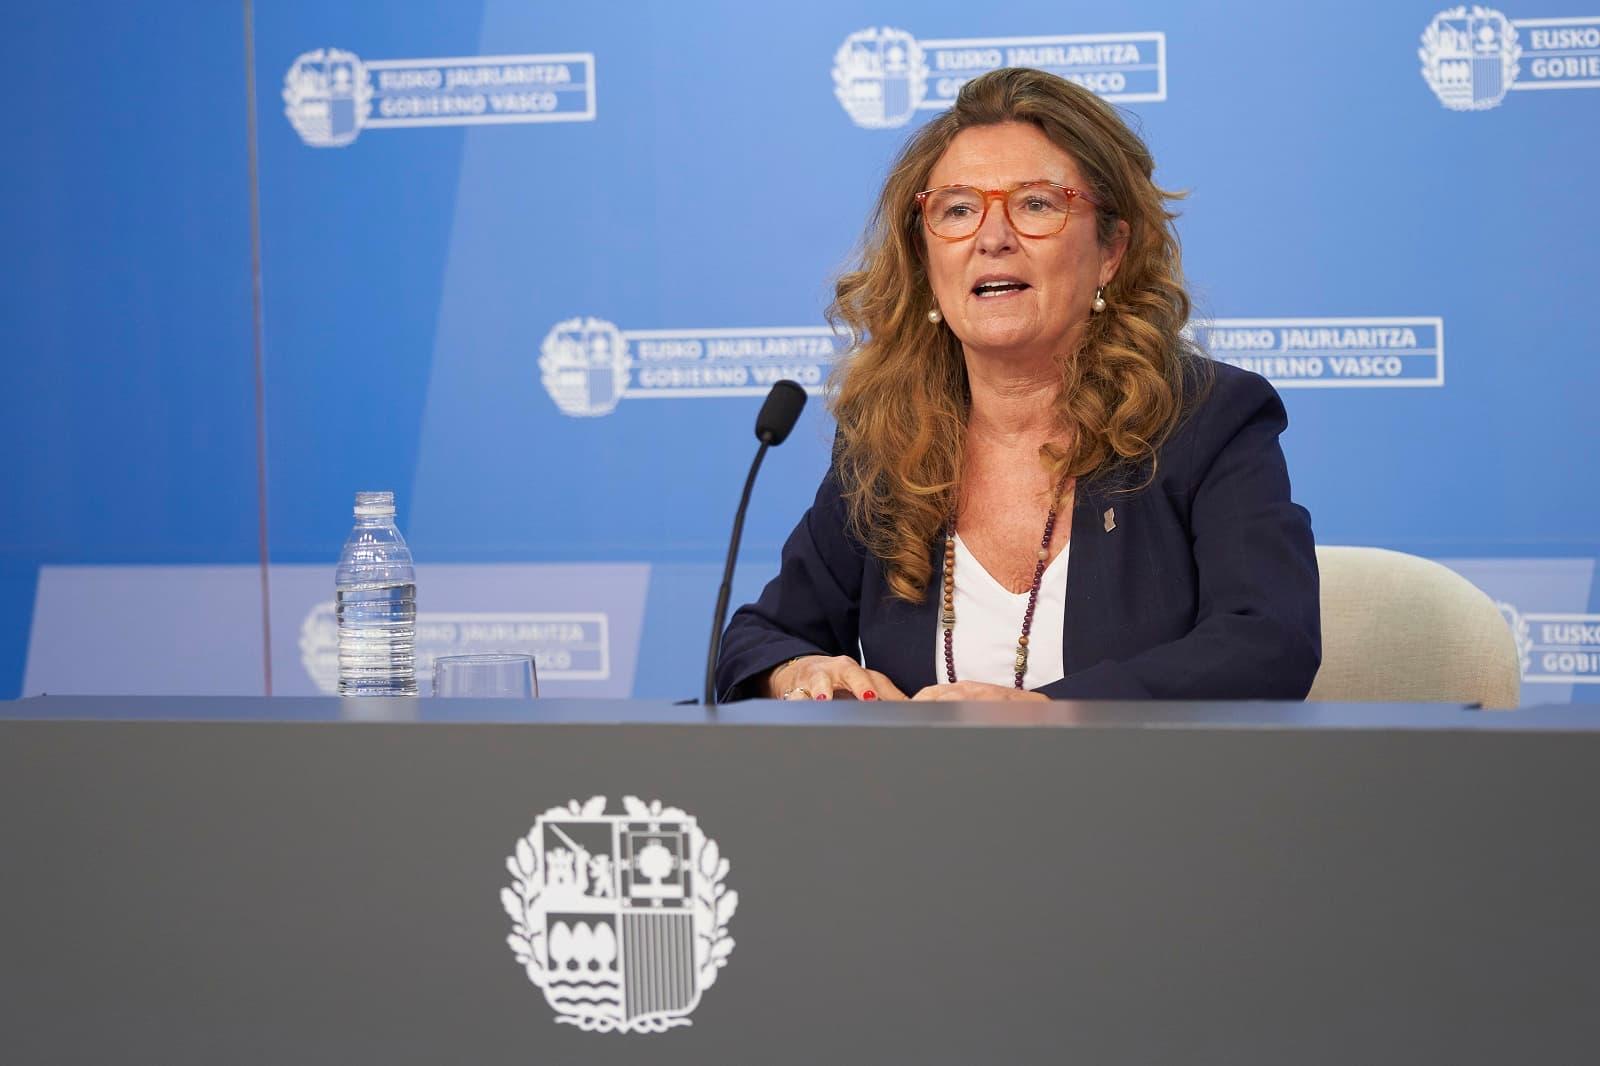 Gotzone Sagardui, consejera de Sanidad en el País Vasco... ¿cómo piensa evitar la coerción a ancianos y vulnerables en la eutanasia?